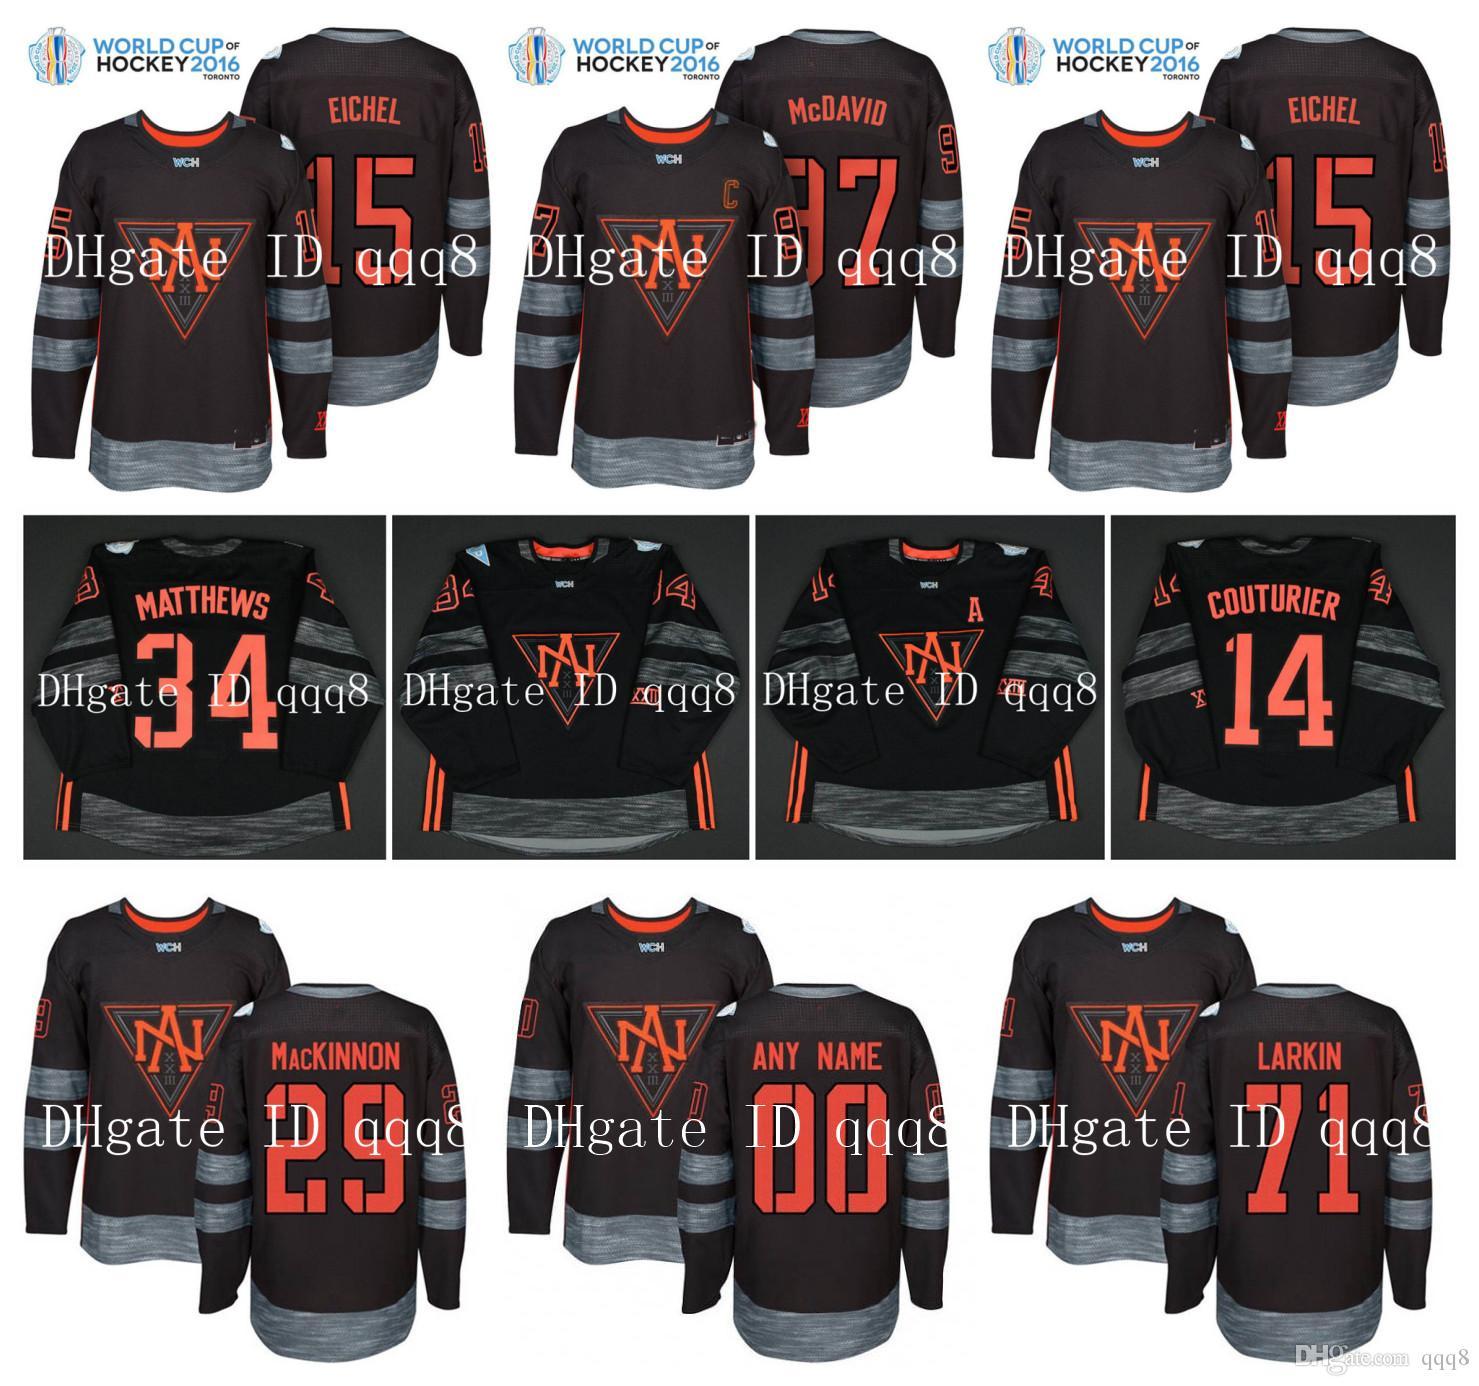 Équipe Amérique du Nord Jersey 97 CONNOR MCDAVID 34 Auston MATTHEWS 15 JACK EICHEL 13 JOHNNY GAUDREAU 44 RIELLY Coupe du monde de hockey CHM Jersey